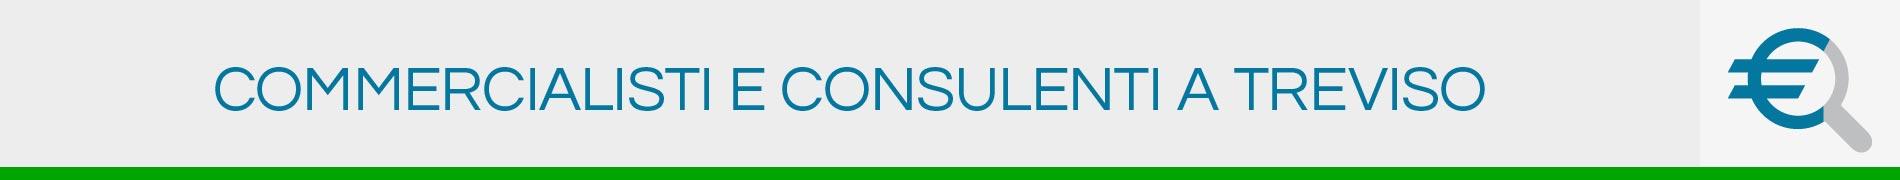 Commercialisti e Consulenti a Treviso